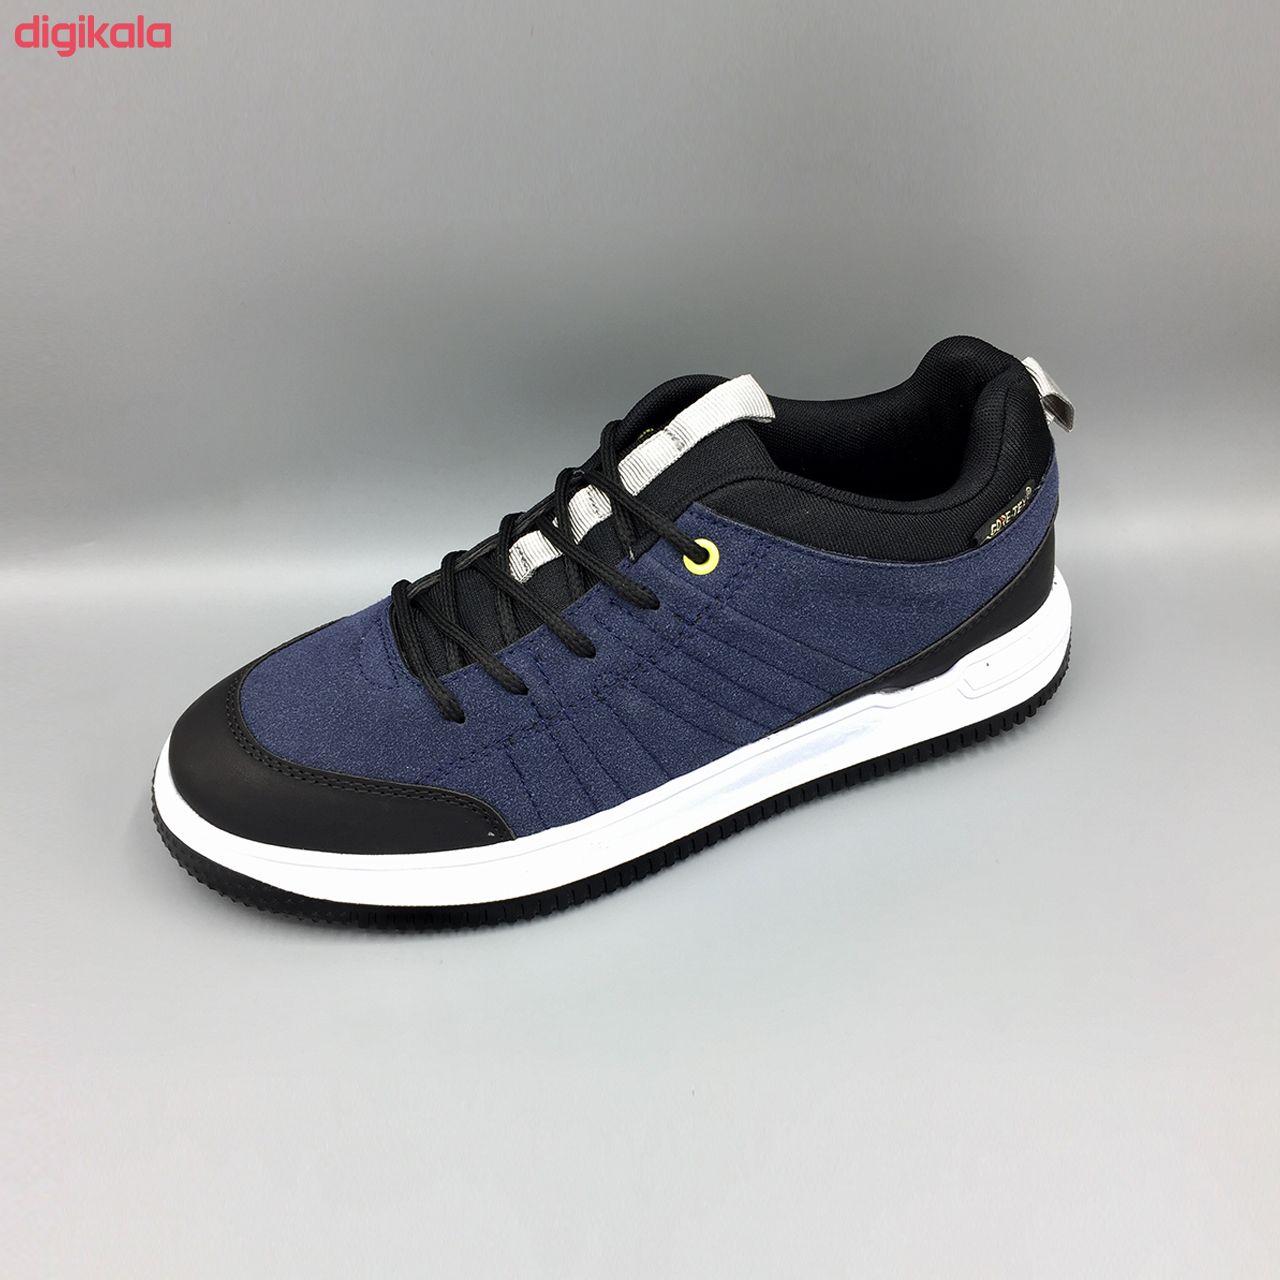 کفش راحتی مدل GORE-TEX-SO main 1 2